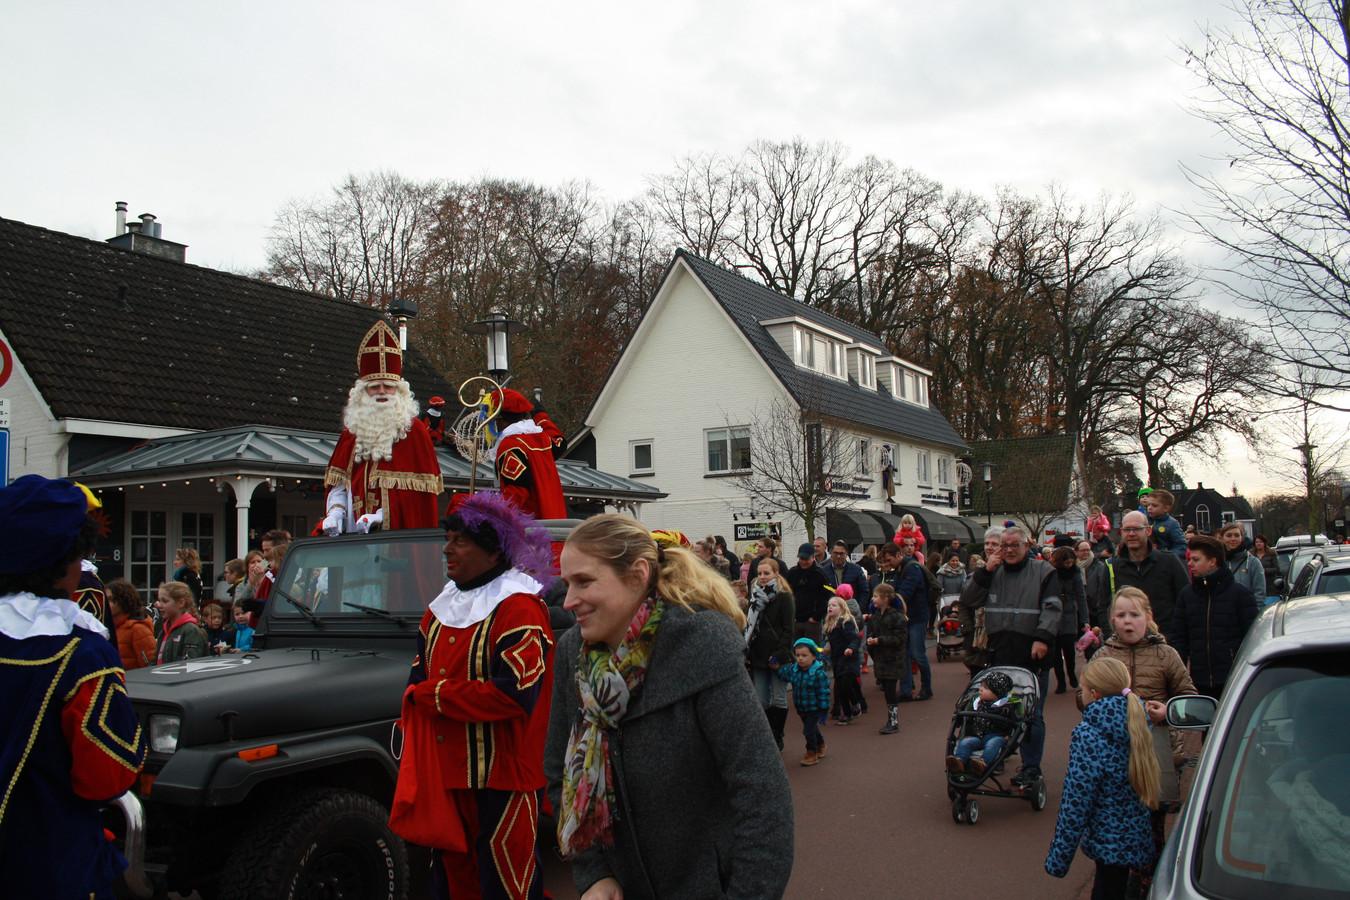 Een eerdere intocht van Sinterklaas in Diepenveen, met zwarte pieten. En dat verandert voorlopig niet.